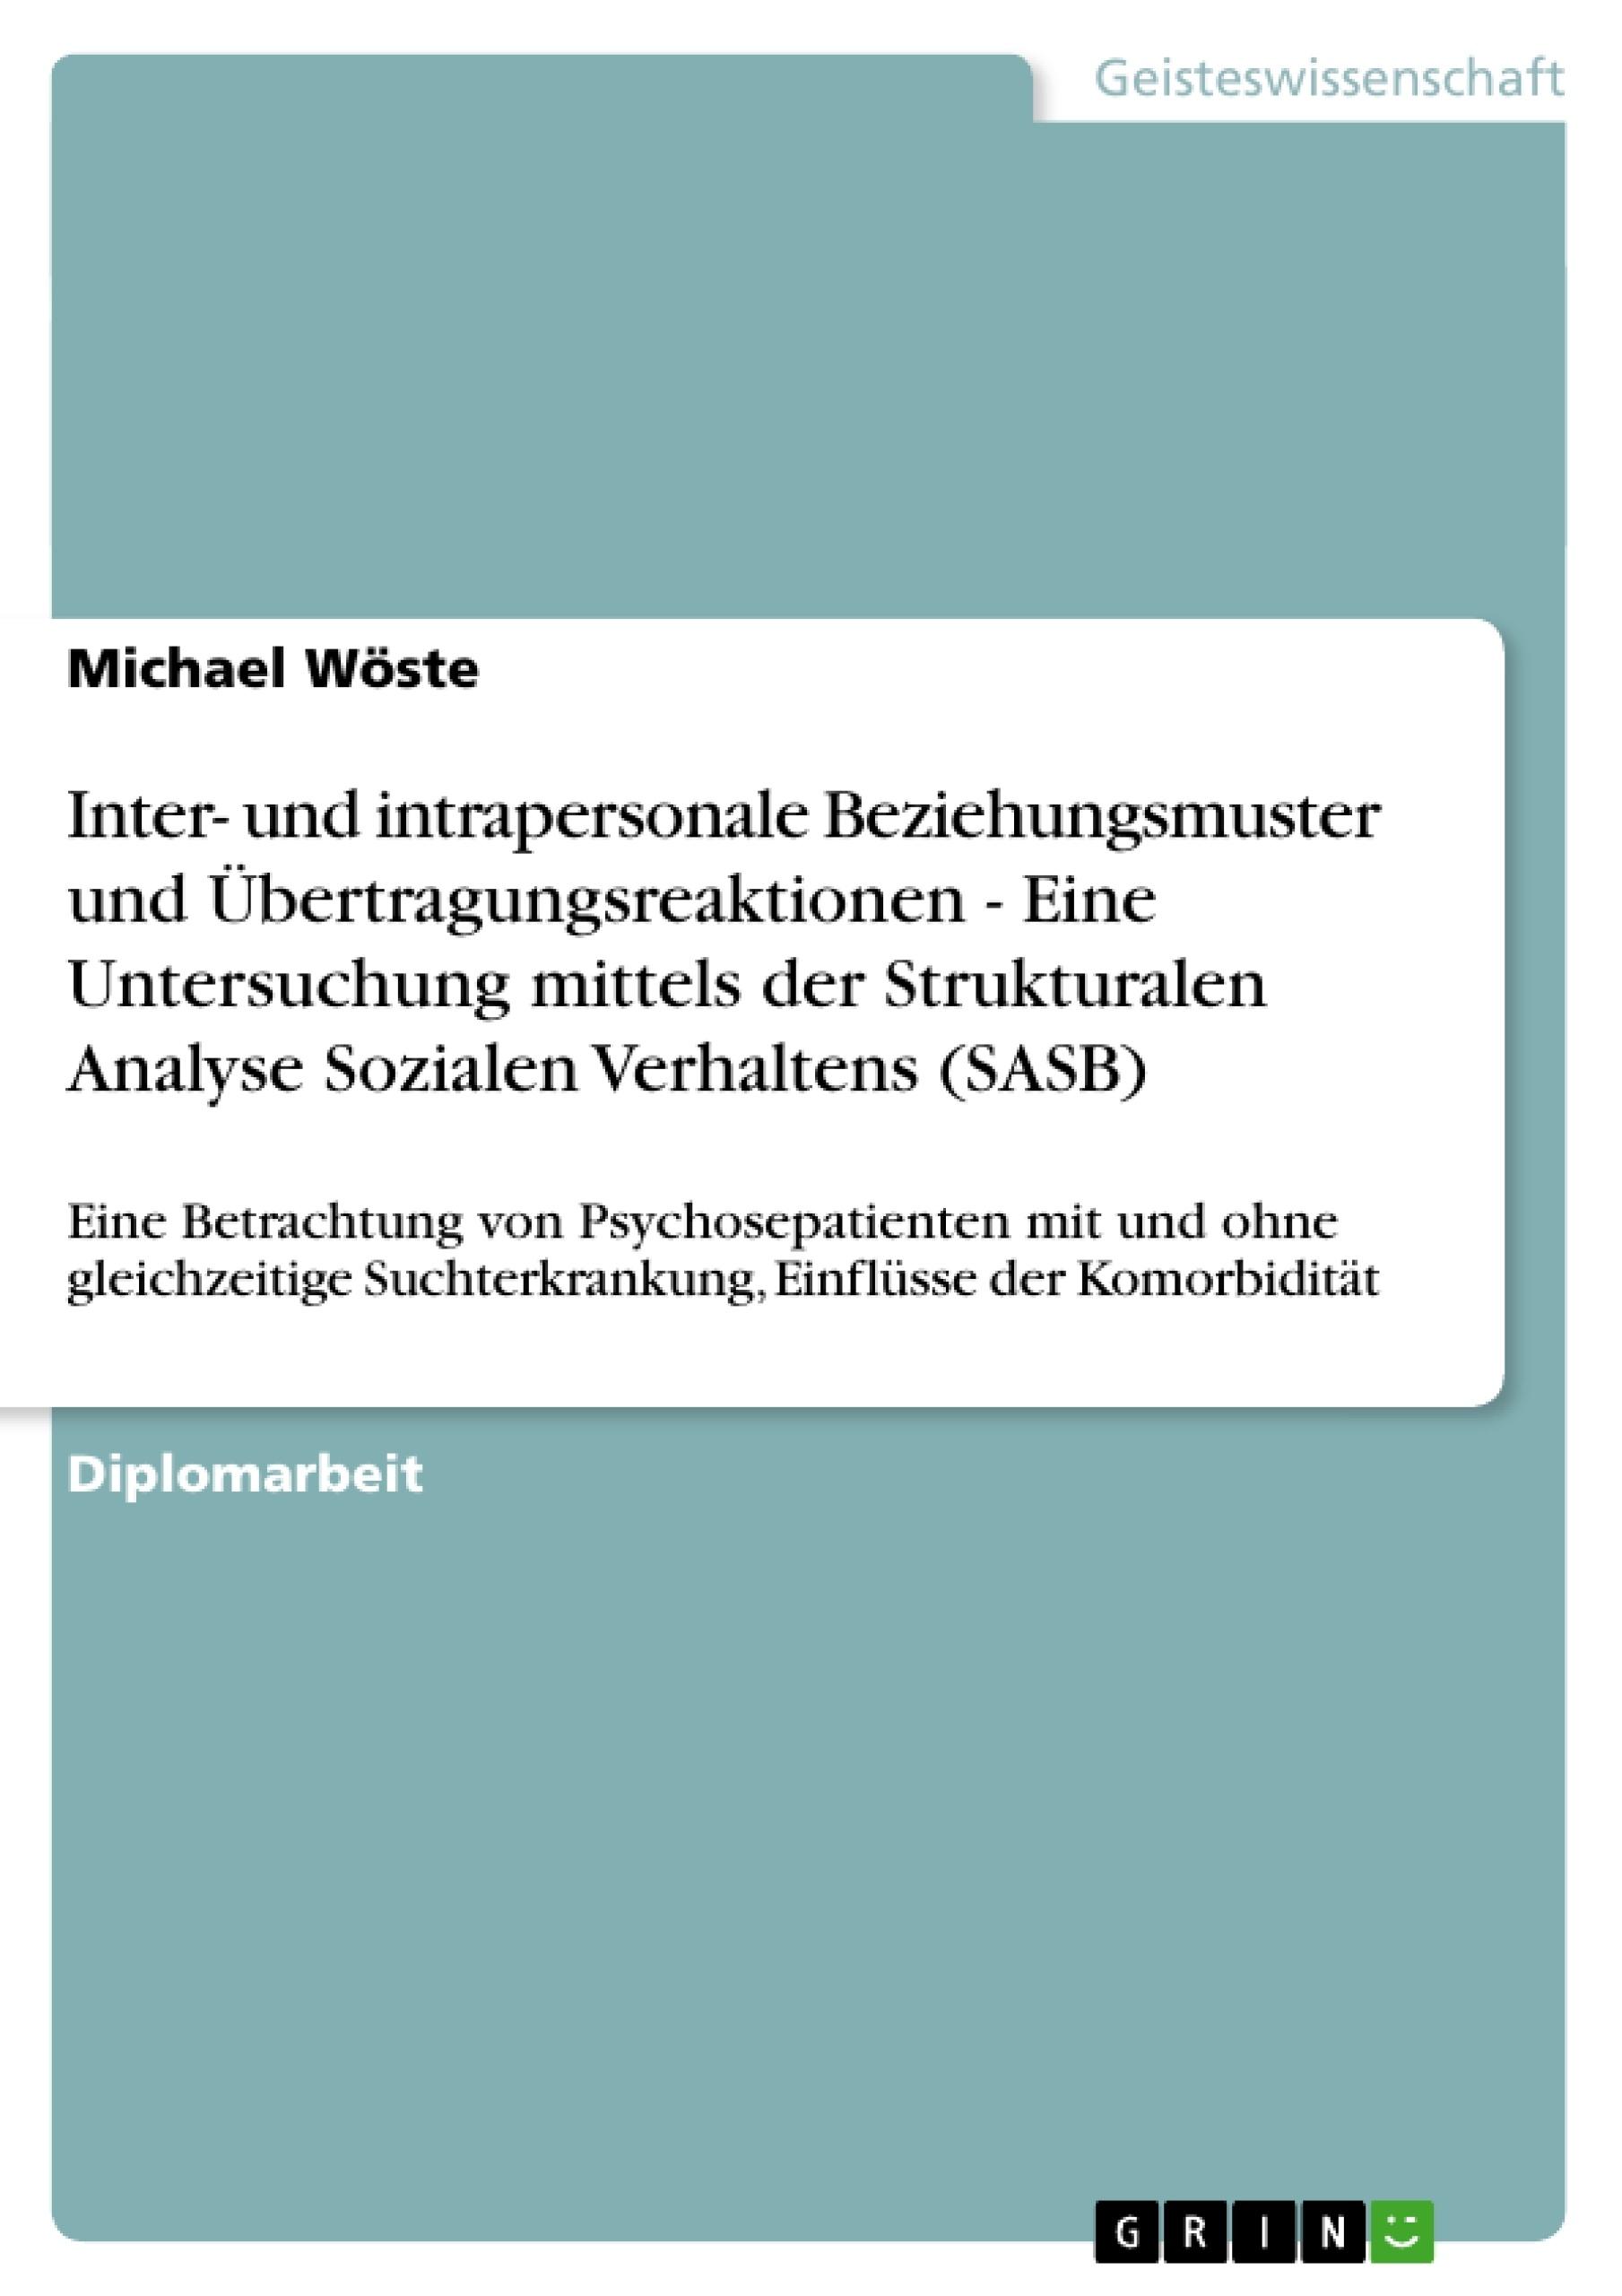 Titel: Inter- und intrapersonale Beziehungsmuster und Übertragungsreaktionen - Eine Untersuchung mittels der Strukturalen Analyse Sozialen Verhaltens (SASB)